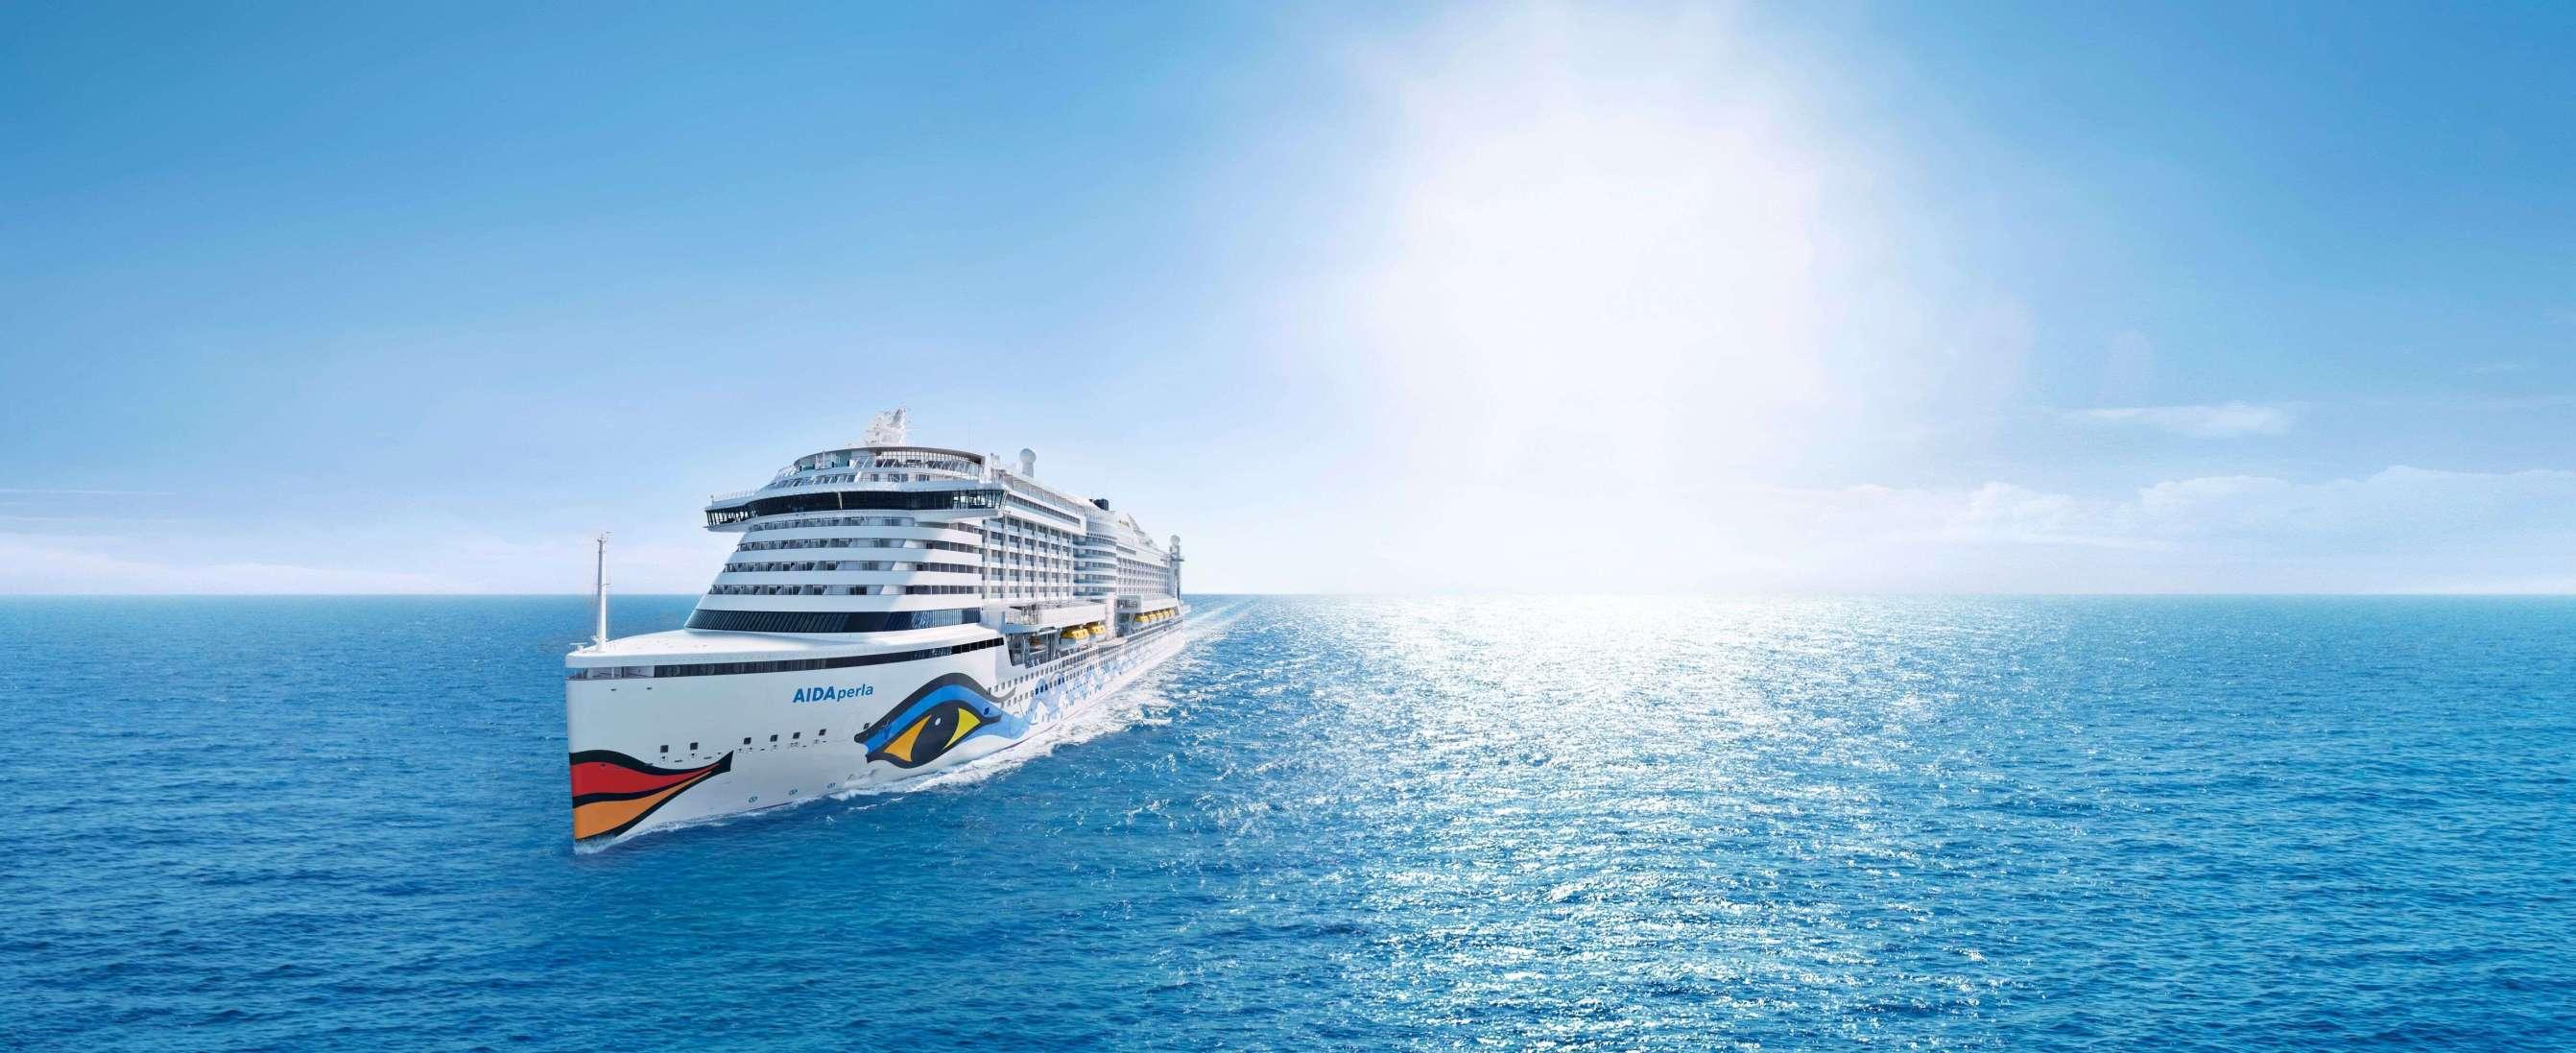 Taufe Aidaperla Der Kreuzfahrttester Berichtet Von Bord